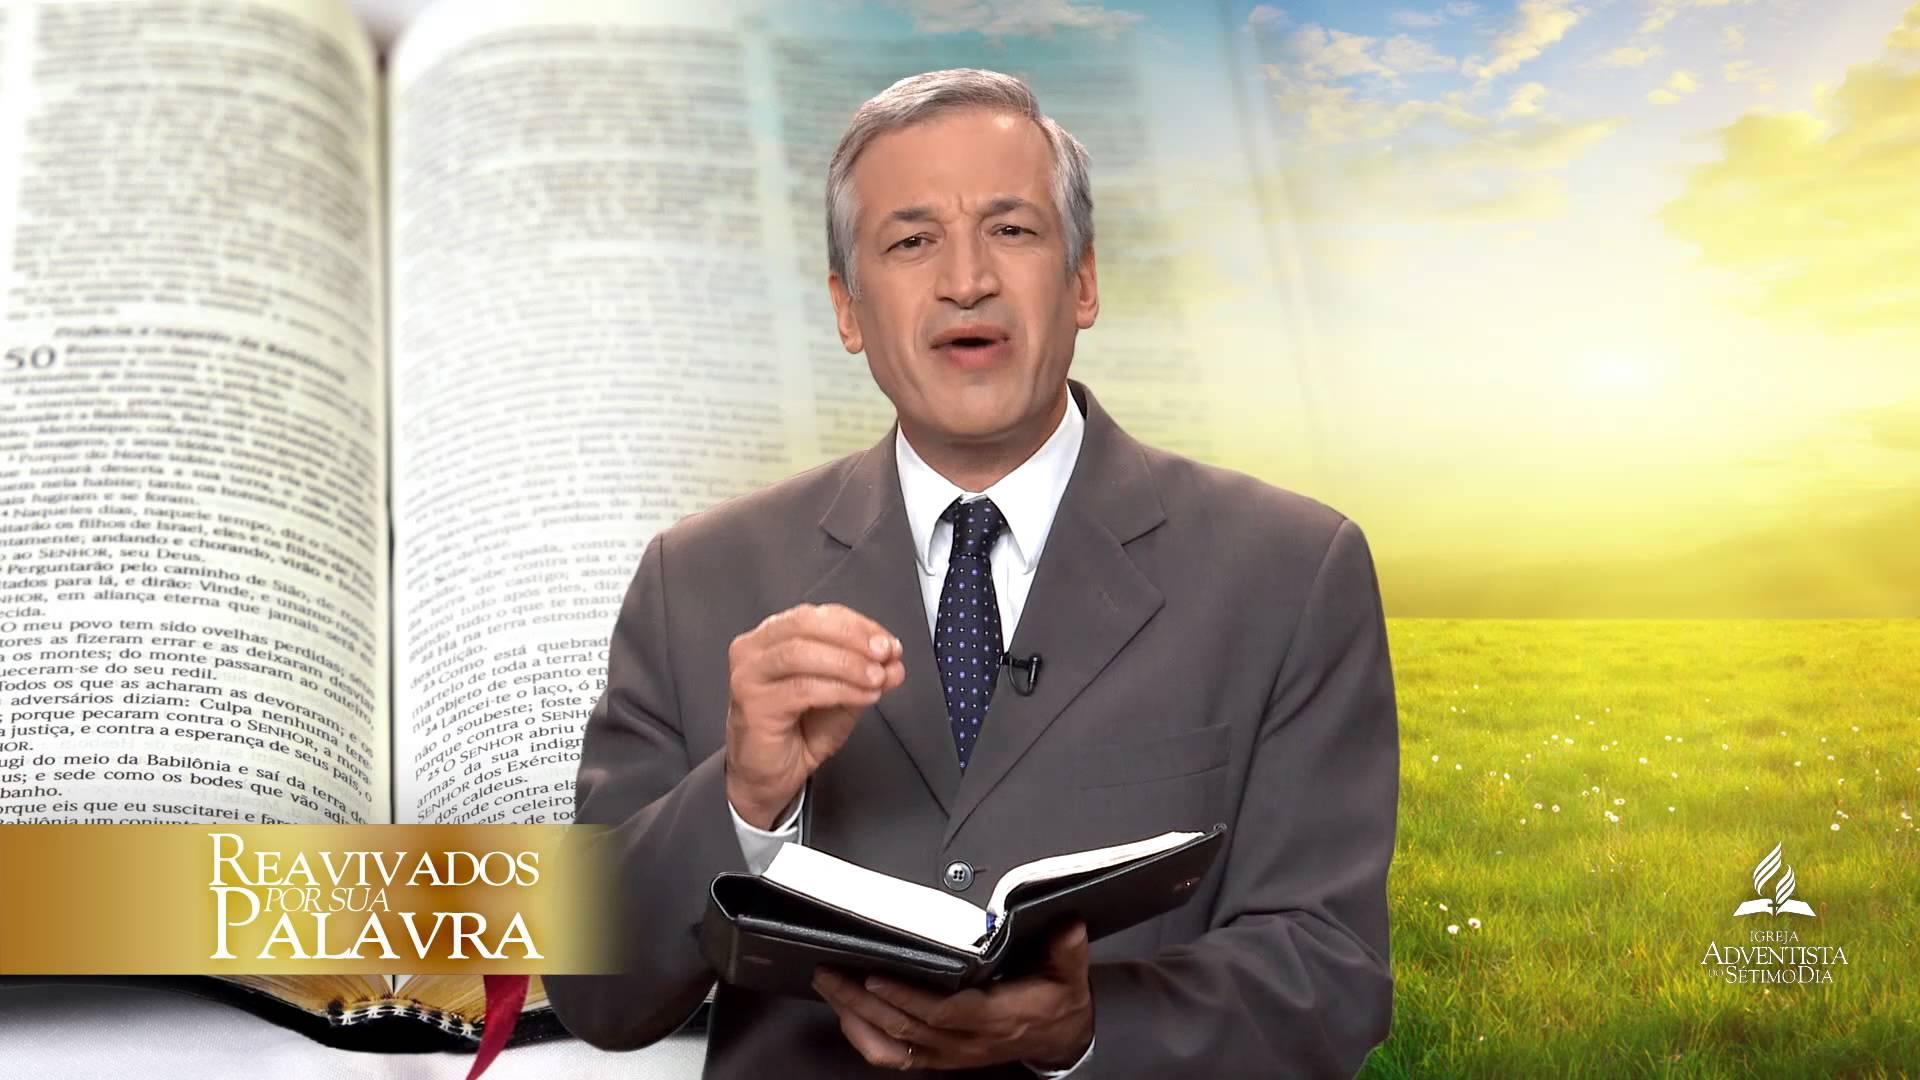 Josué – RPSP – Plano de Leitura da Bíblia da Igreja Adventista